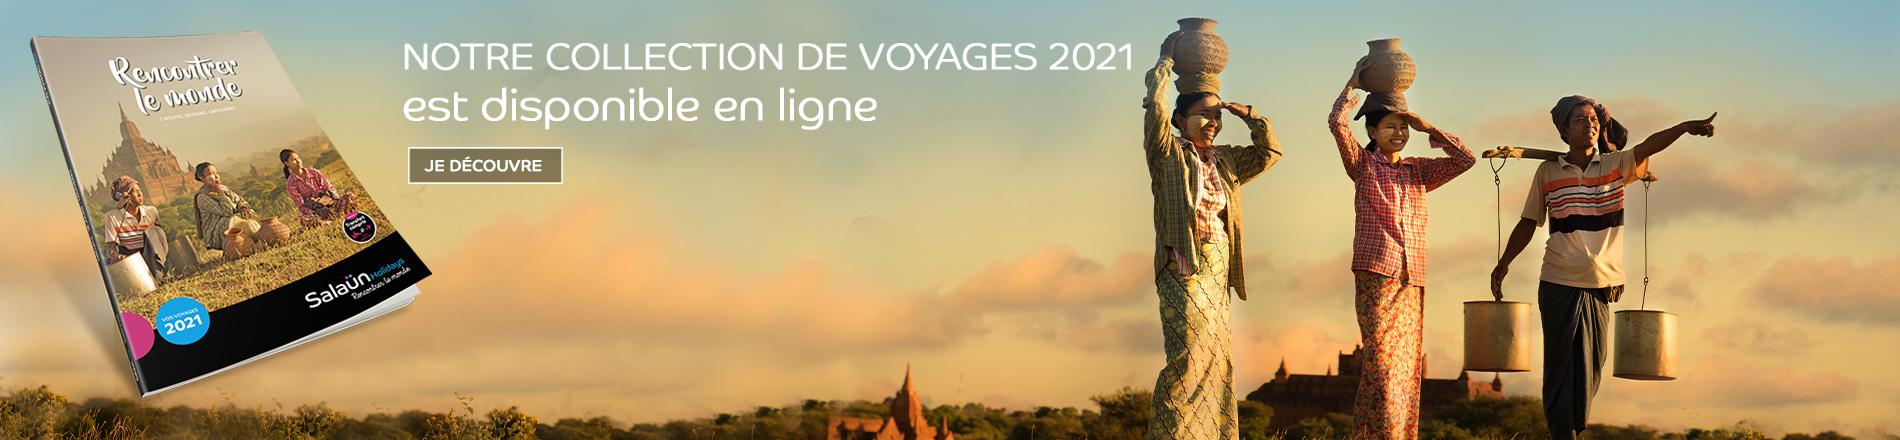 Notre collection de voyages 2021